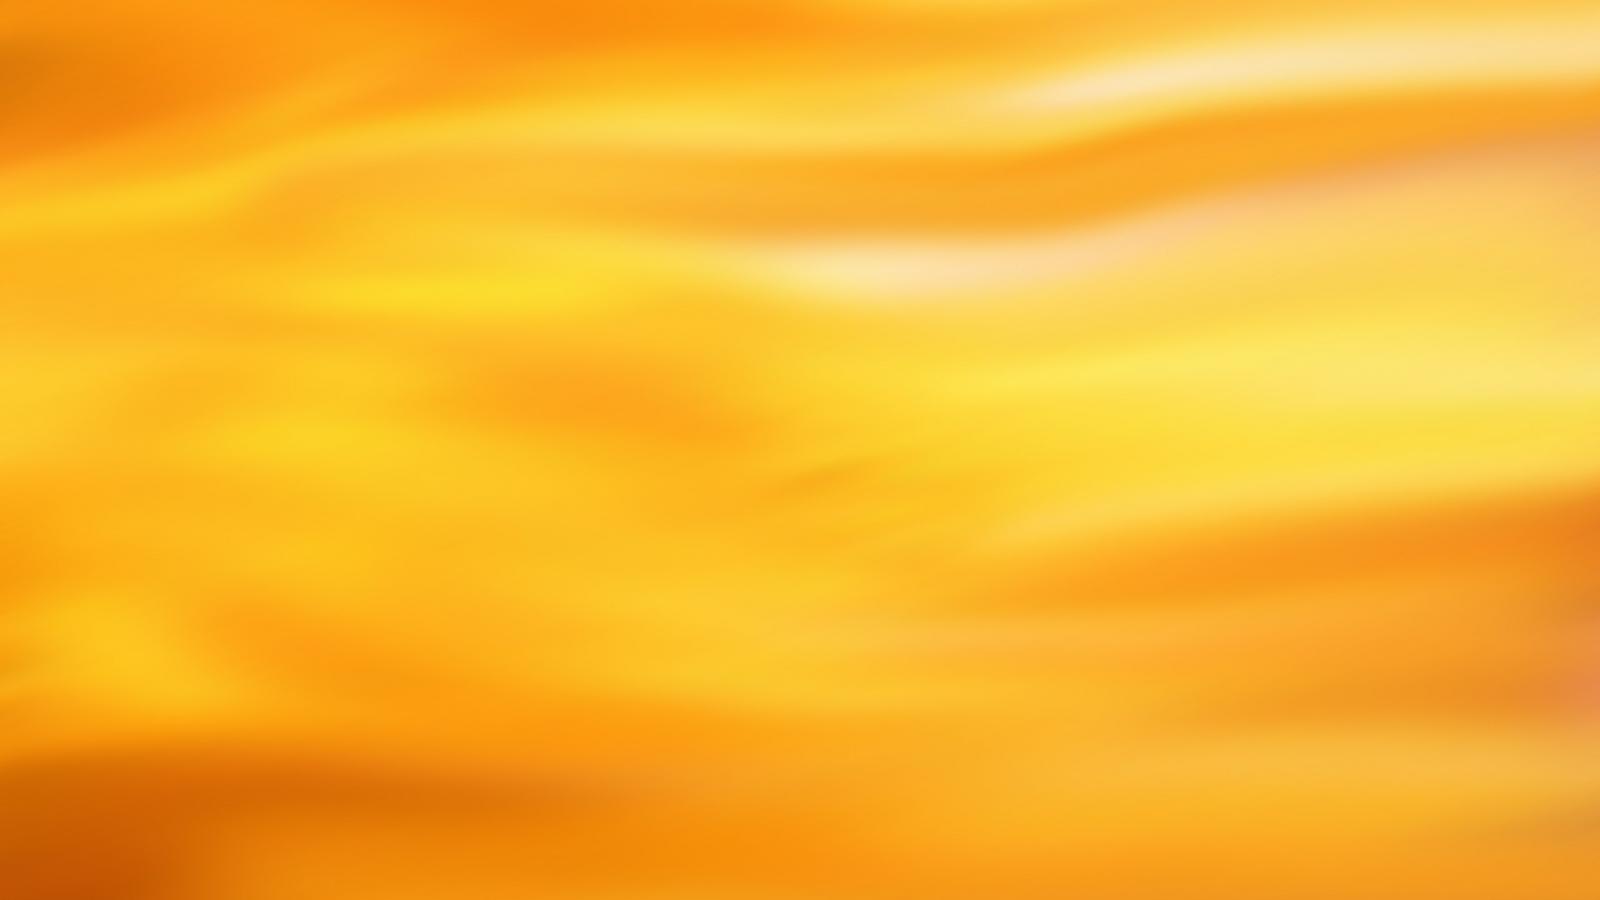 Fondo Amarillo Y Naranja Hd 1600x900